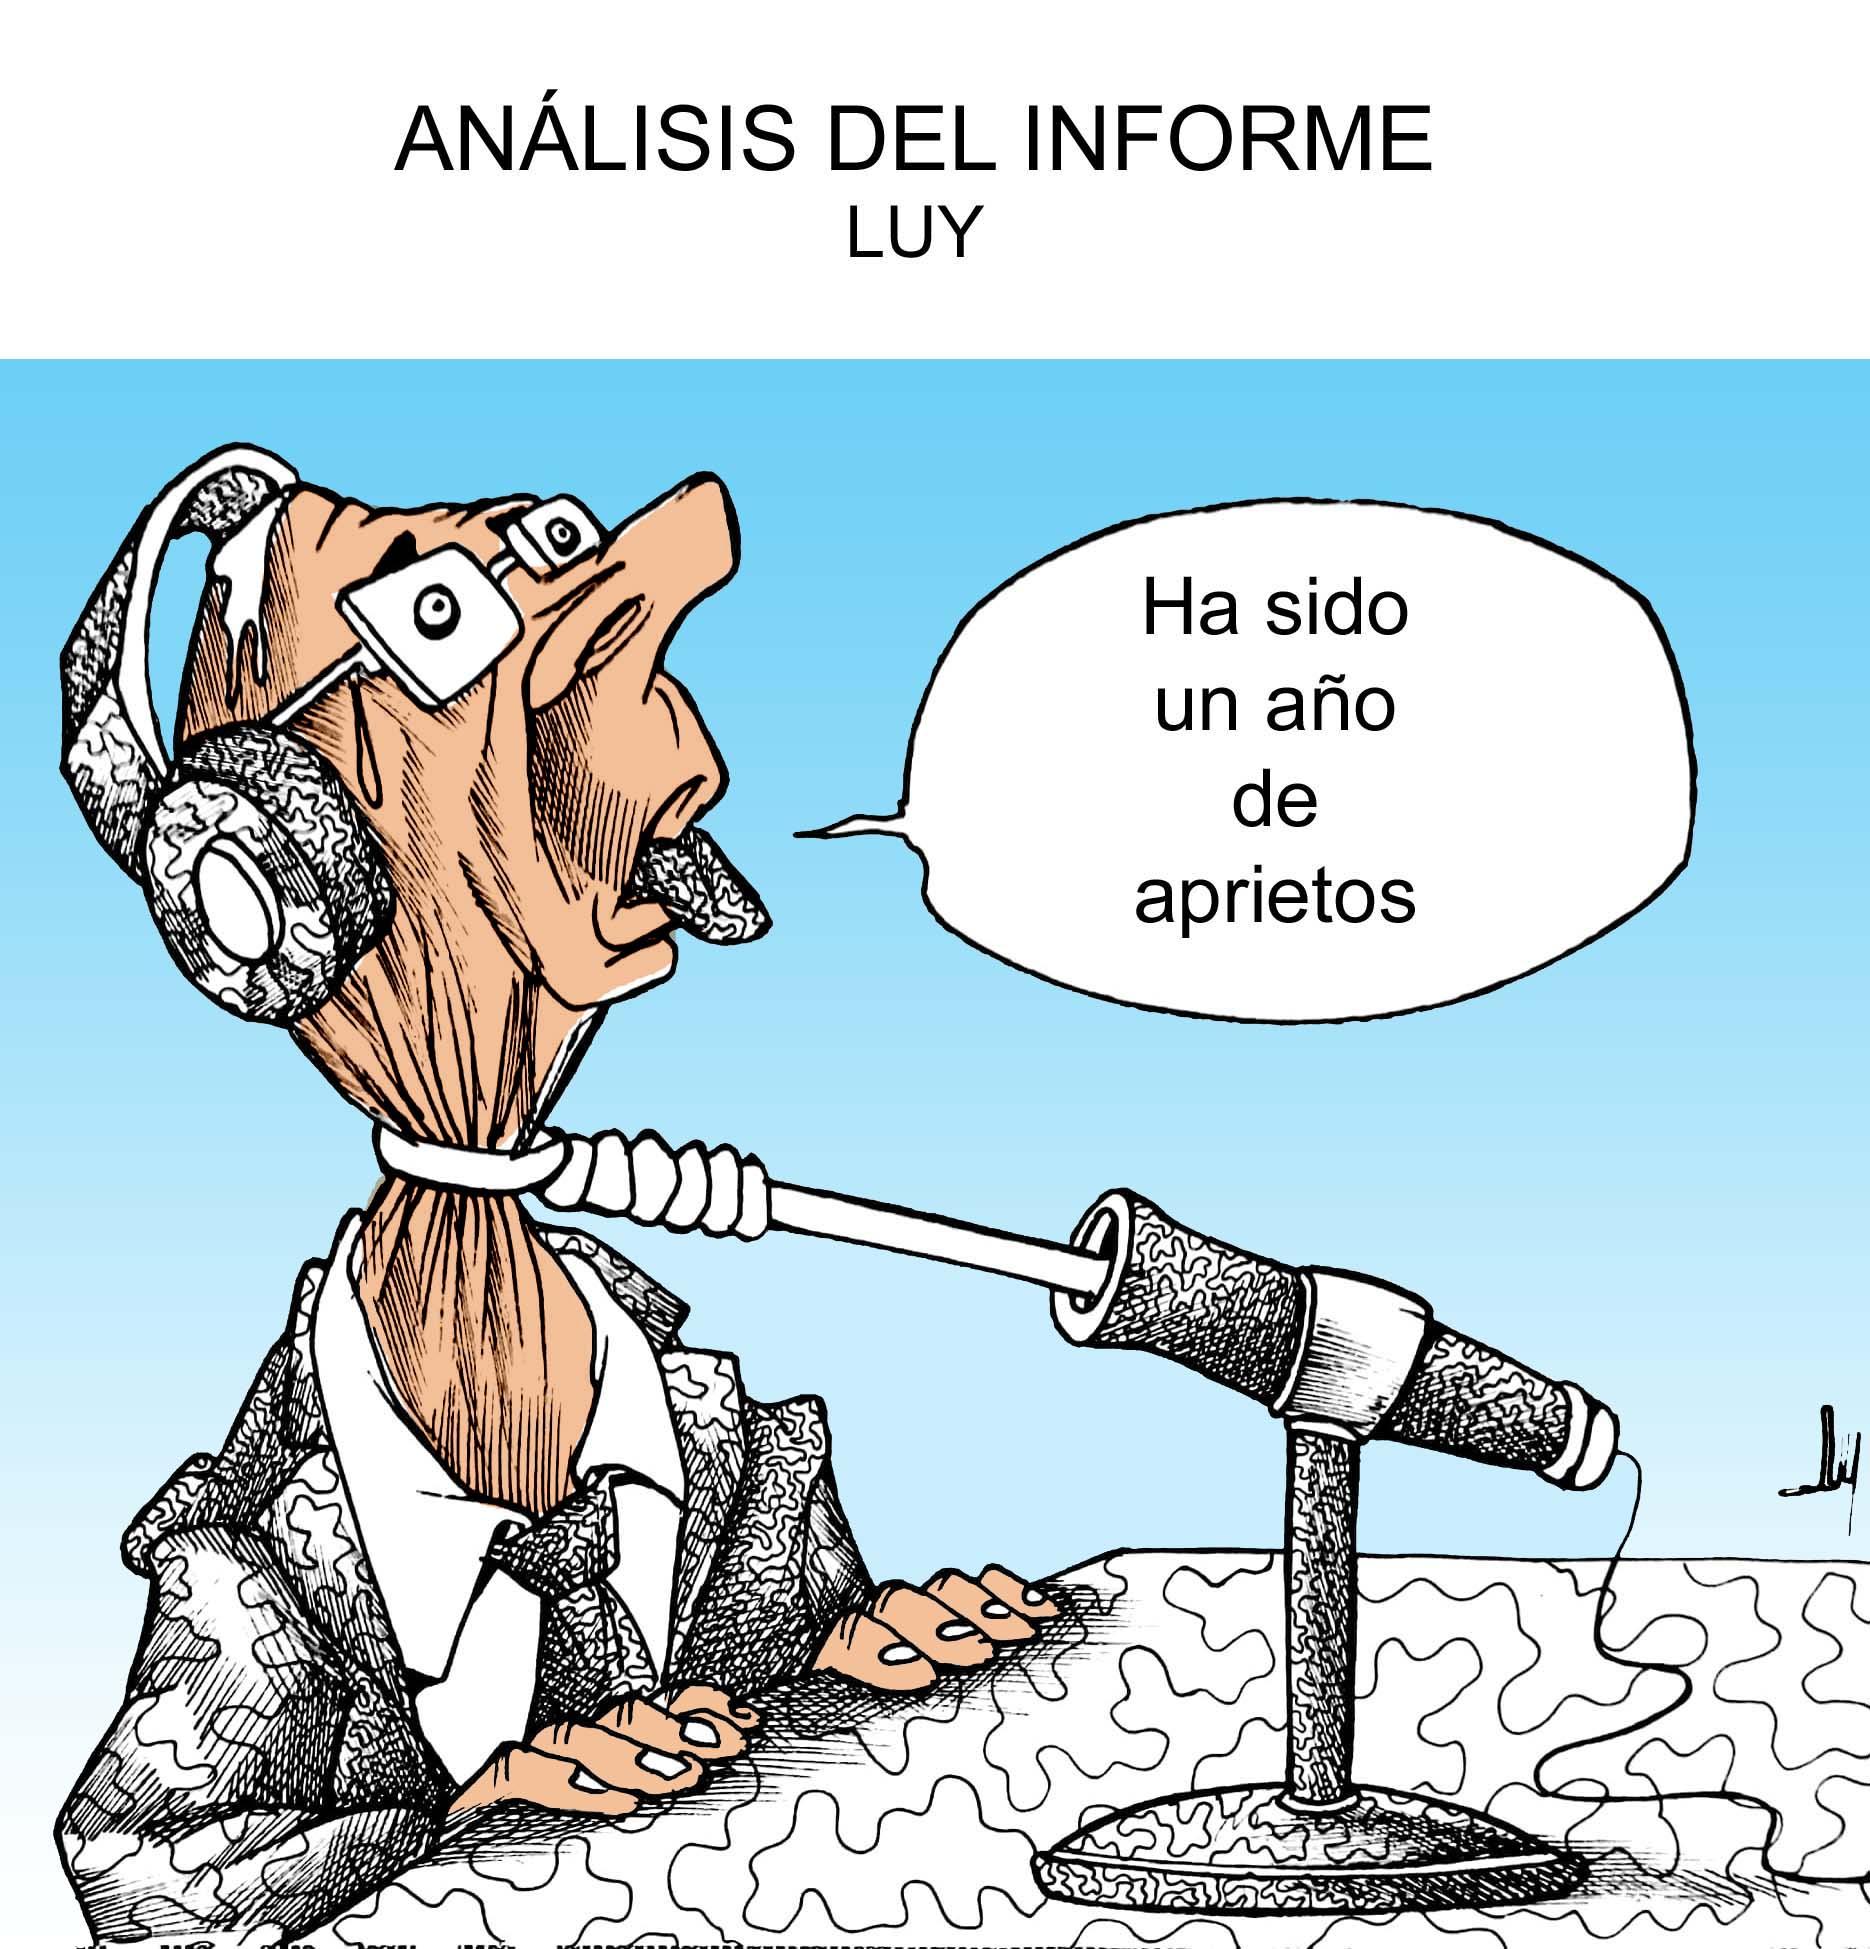 analisis-informe